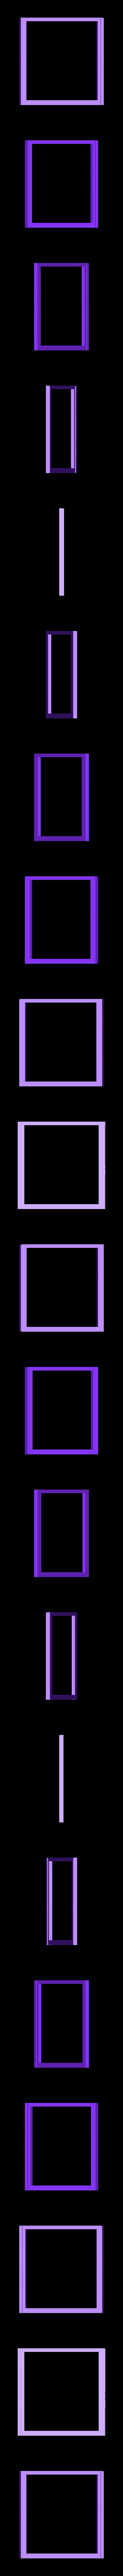 roof_frame1.stl Télécharger fichier STL gratuit Ripper's London - The (Modular) Factory • Modèle pour imprimante 3D, Earsling